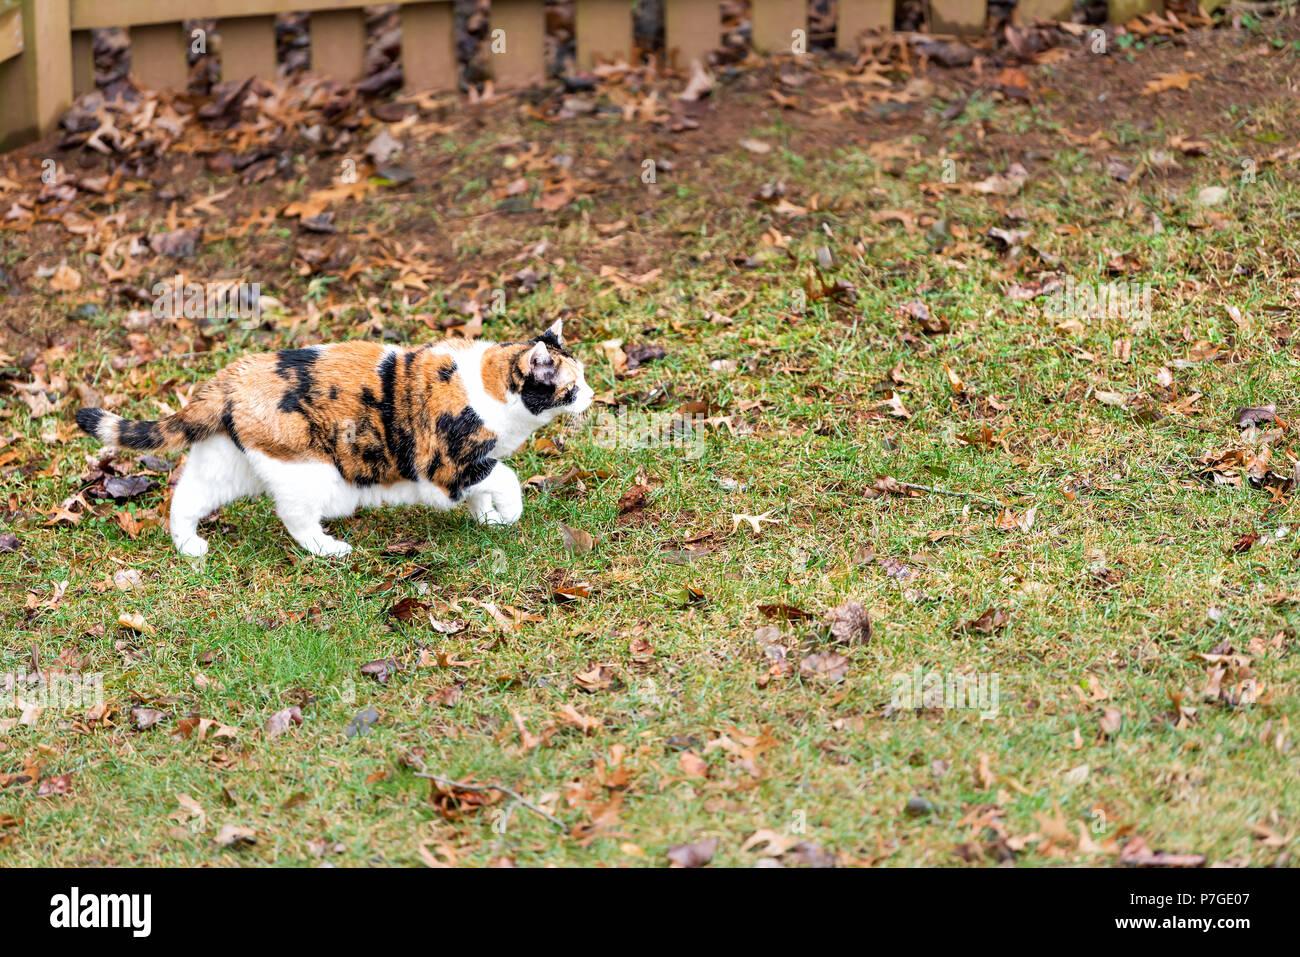 Recinzione Giardino Per Gatti.Profilo Di Gatti Calico Curioso Esplorando Cortile Da Giardino